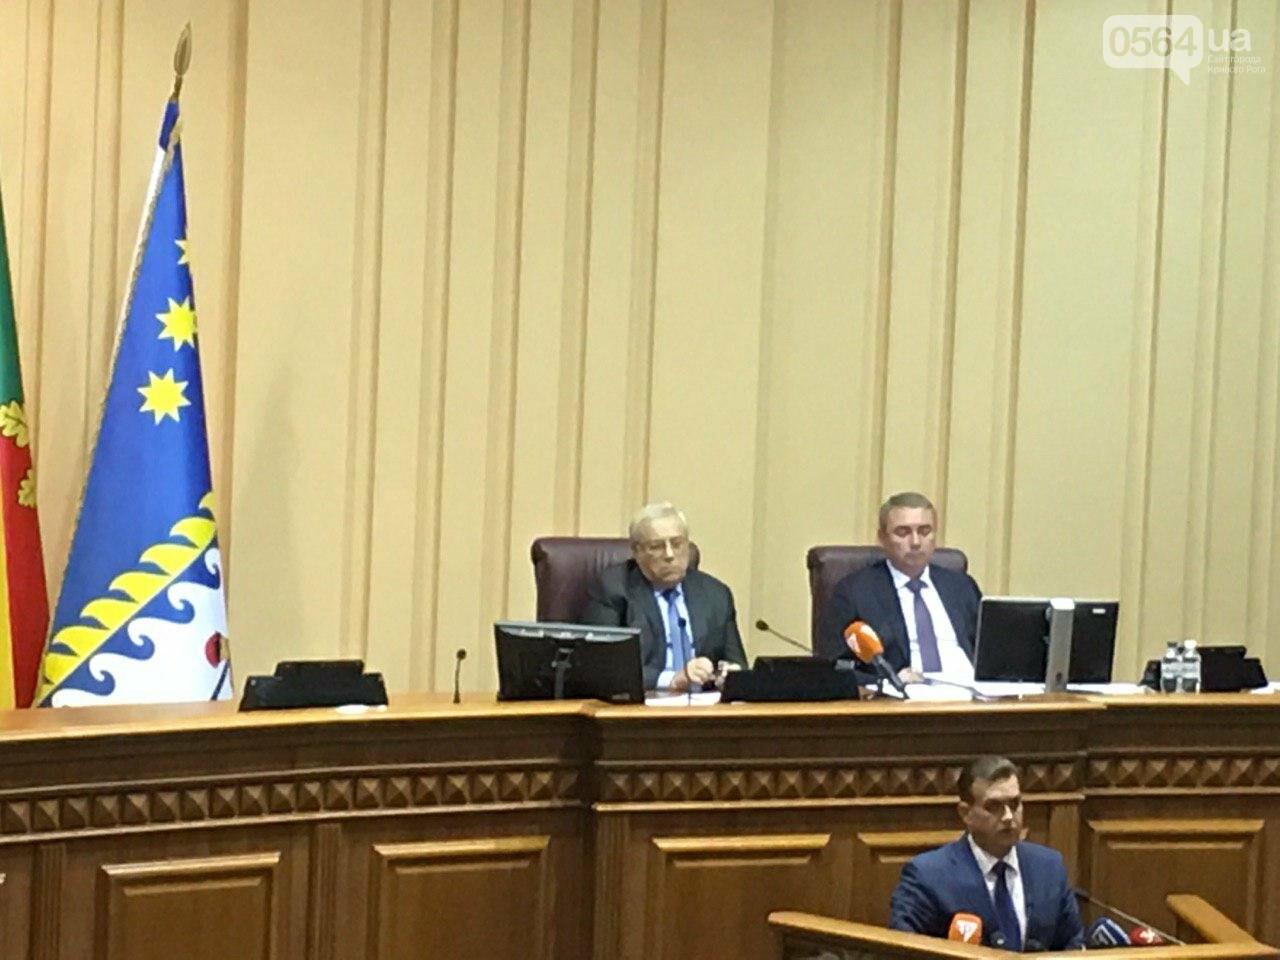 Криворожский городской совет не доверил экс-нардепу Павлову должность заместителя мэра, - ФОТО, фото-2